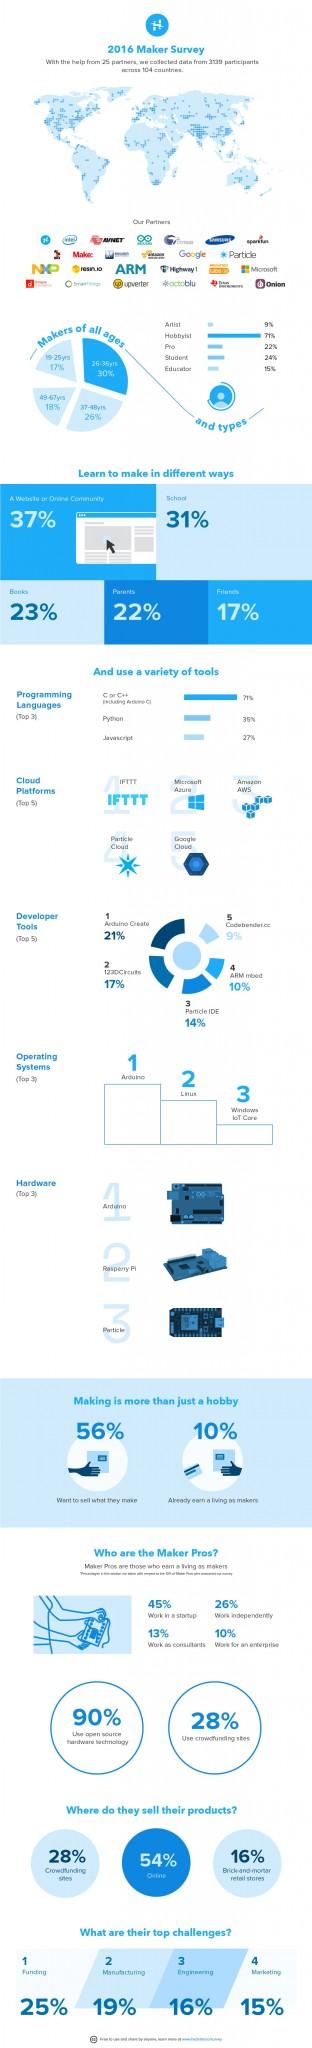 hackster_makersurvey_infographic_pn_v3-01-1b2b1d04d82128dc0e0287cbcc705be7